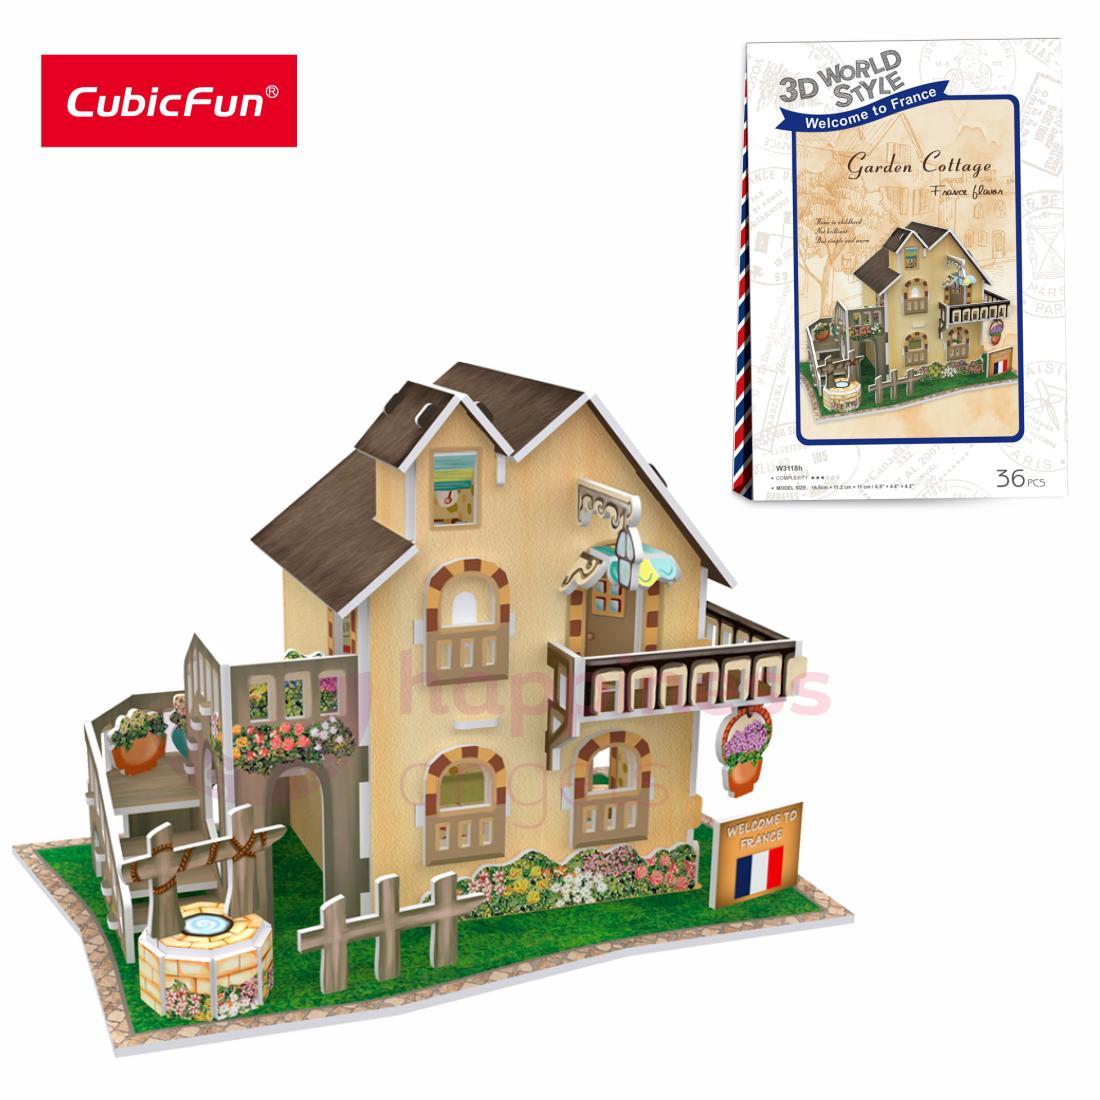 Giá Ưu Đãi Hôm Nay Để Có Ngay Mô Hình Lắp Ráp 3D Cubic Fun Nhà Vườn ở Quê (Pháp) - W3118h